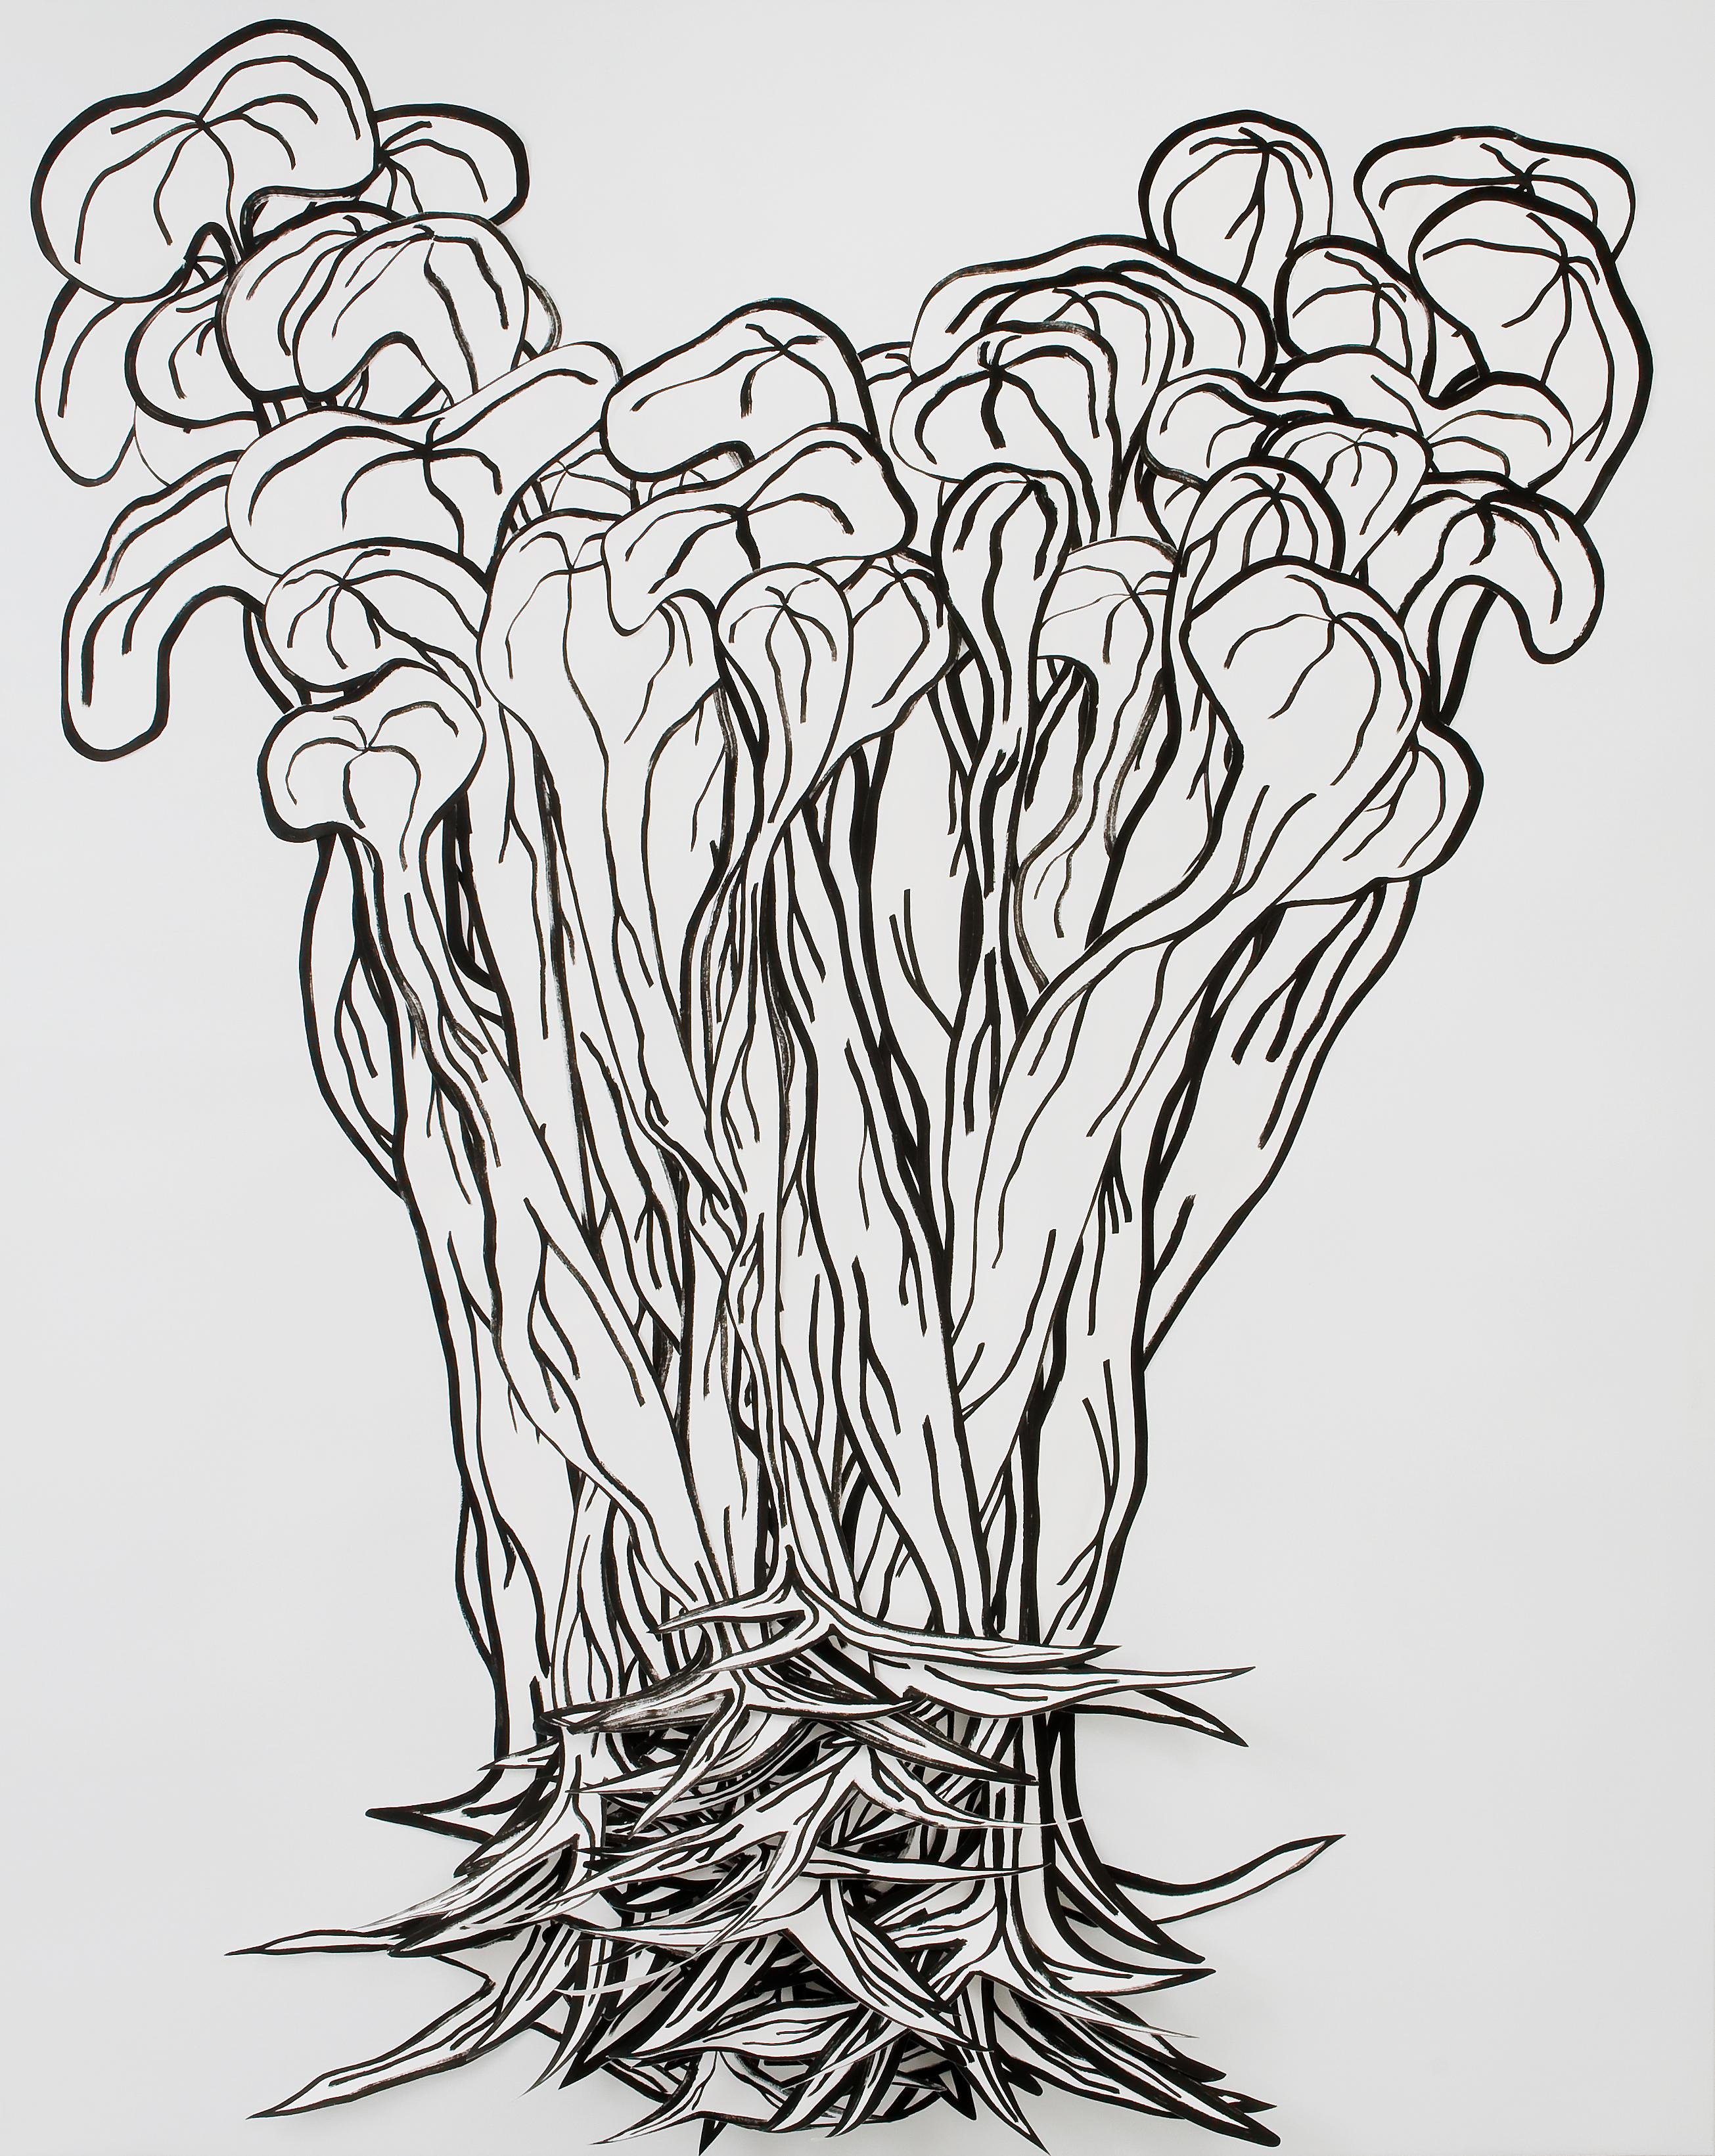 Anniken Amundsen, Mutant Cluster